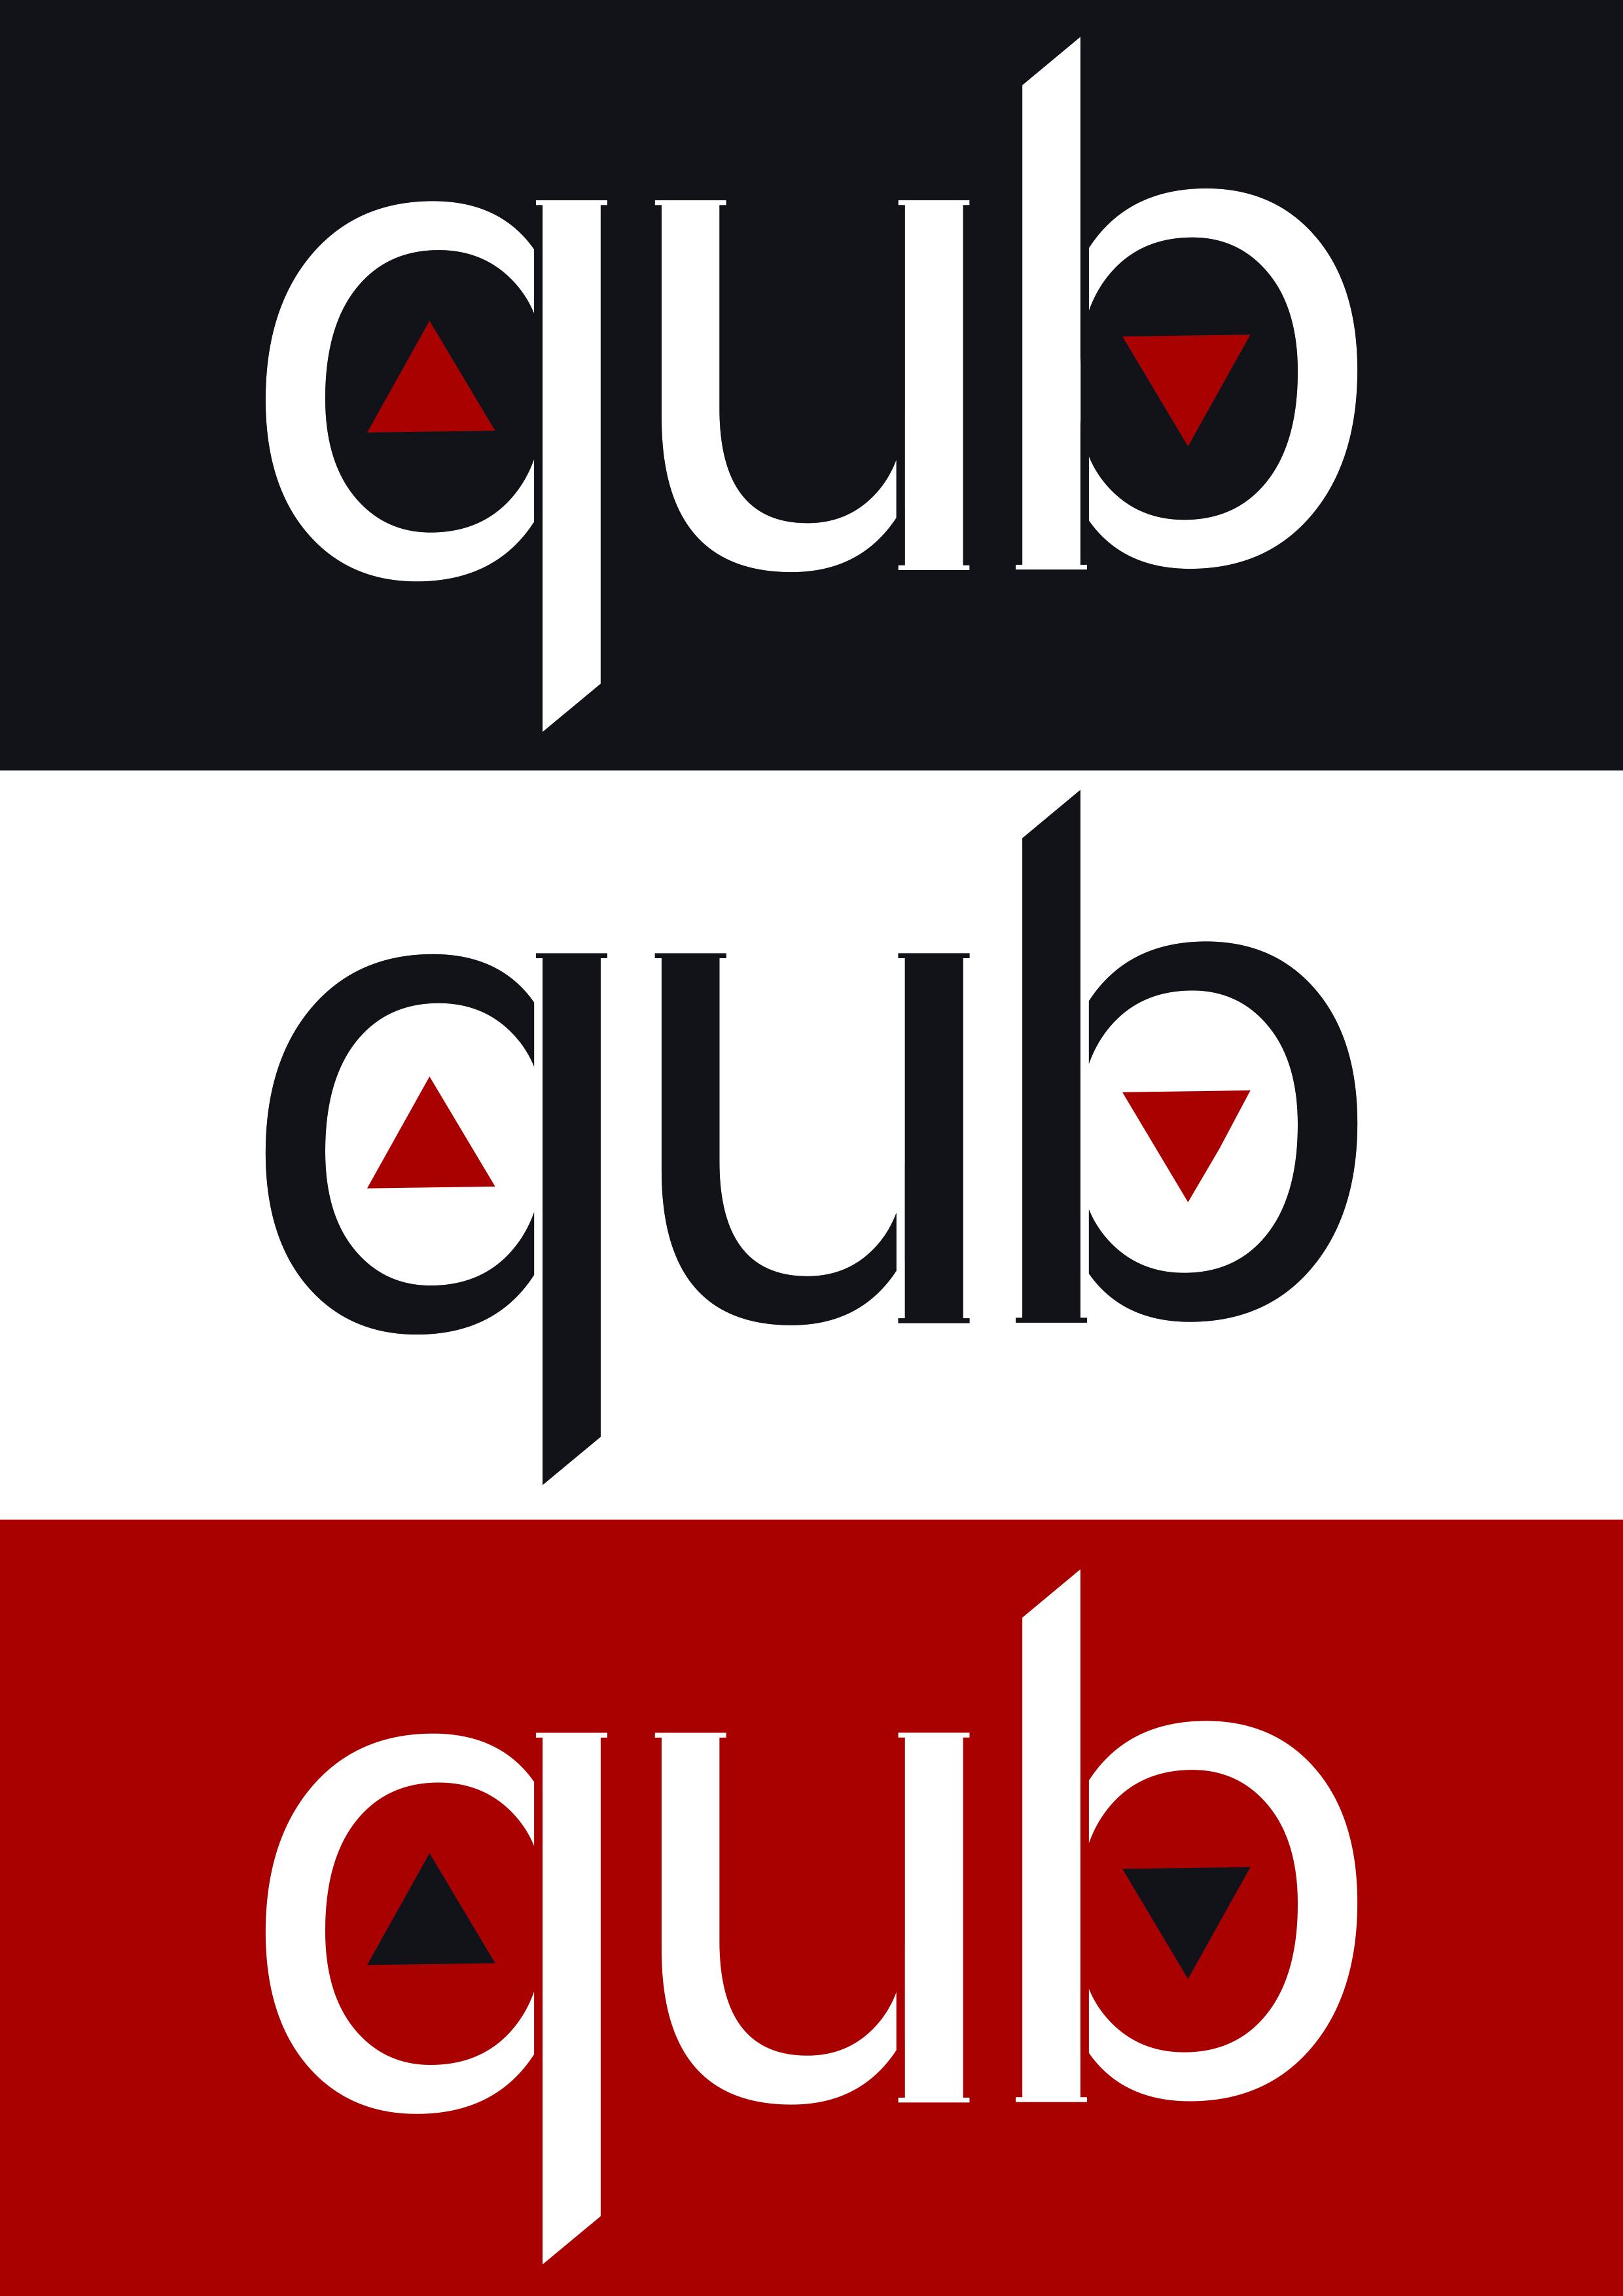 Разработка логотипа и фирменного стиля для ТМ фото f_5115f2159a3cd590.jpg